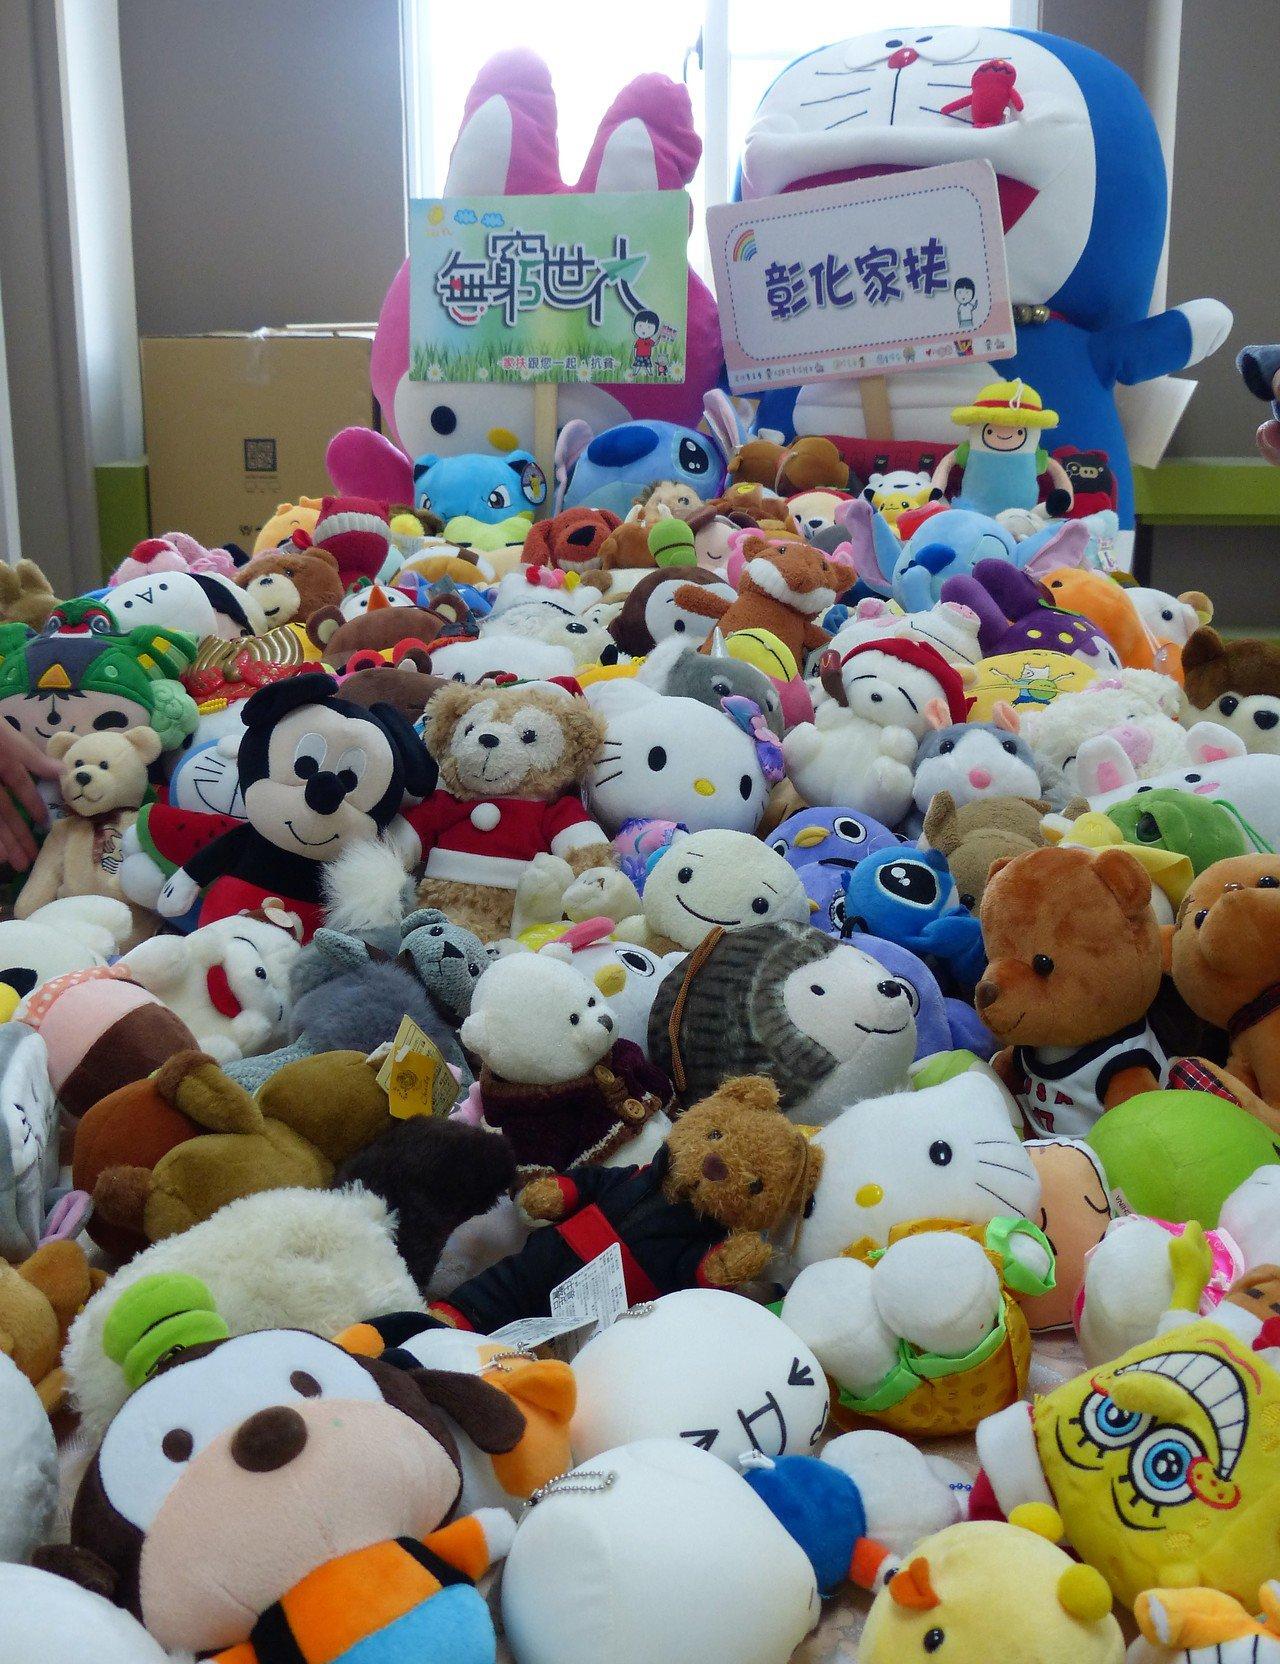 彰化家扶中心因獲贈2台夾娃娃機,因此開始長期募集九成新娃娃。記者凌筠婷/攝影